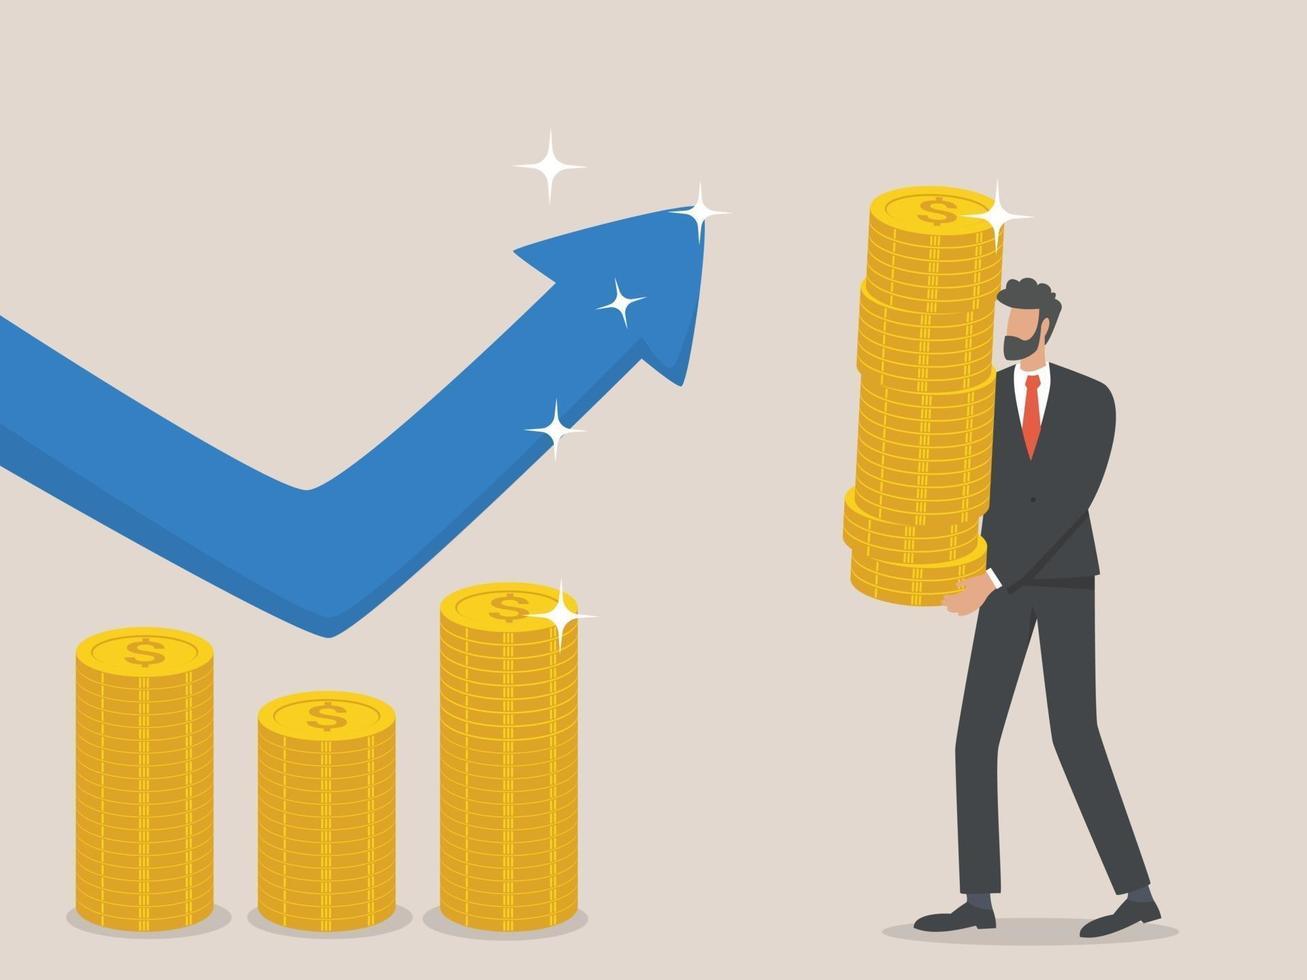 empresário aumenta o orçamento, o conceito de aumentar as finanças vetor